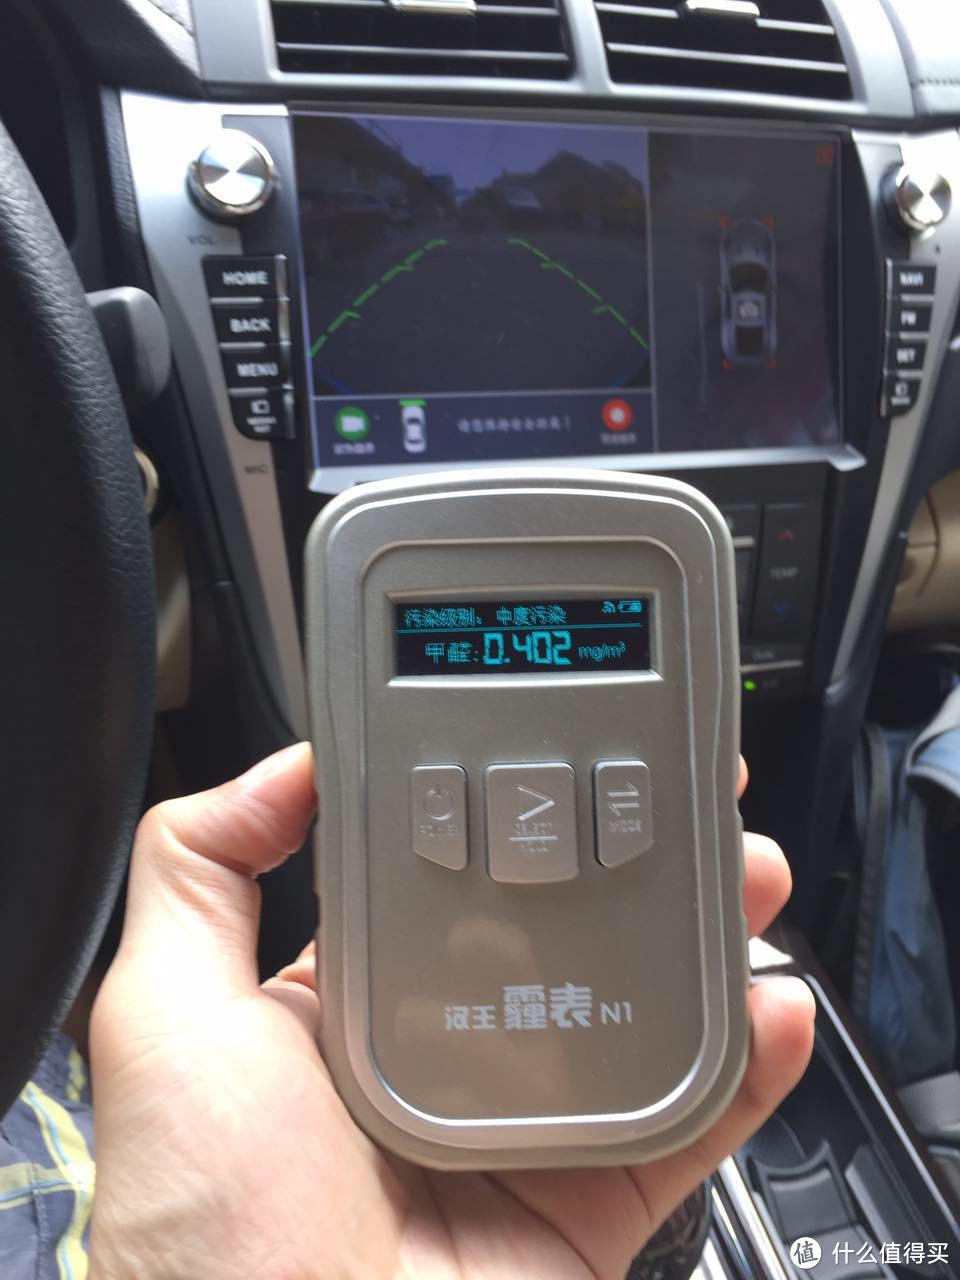 汉王 N1 VS 阿格瑞斯 WP6900 甲醛测试仪 实际使用 对比评测